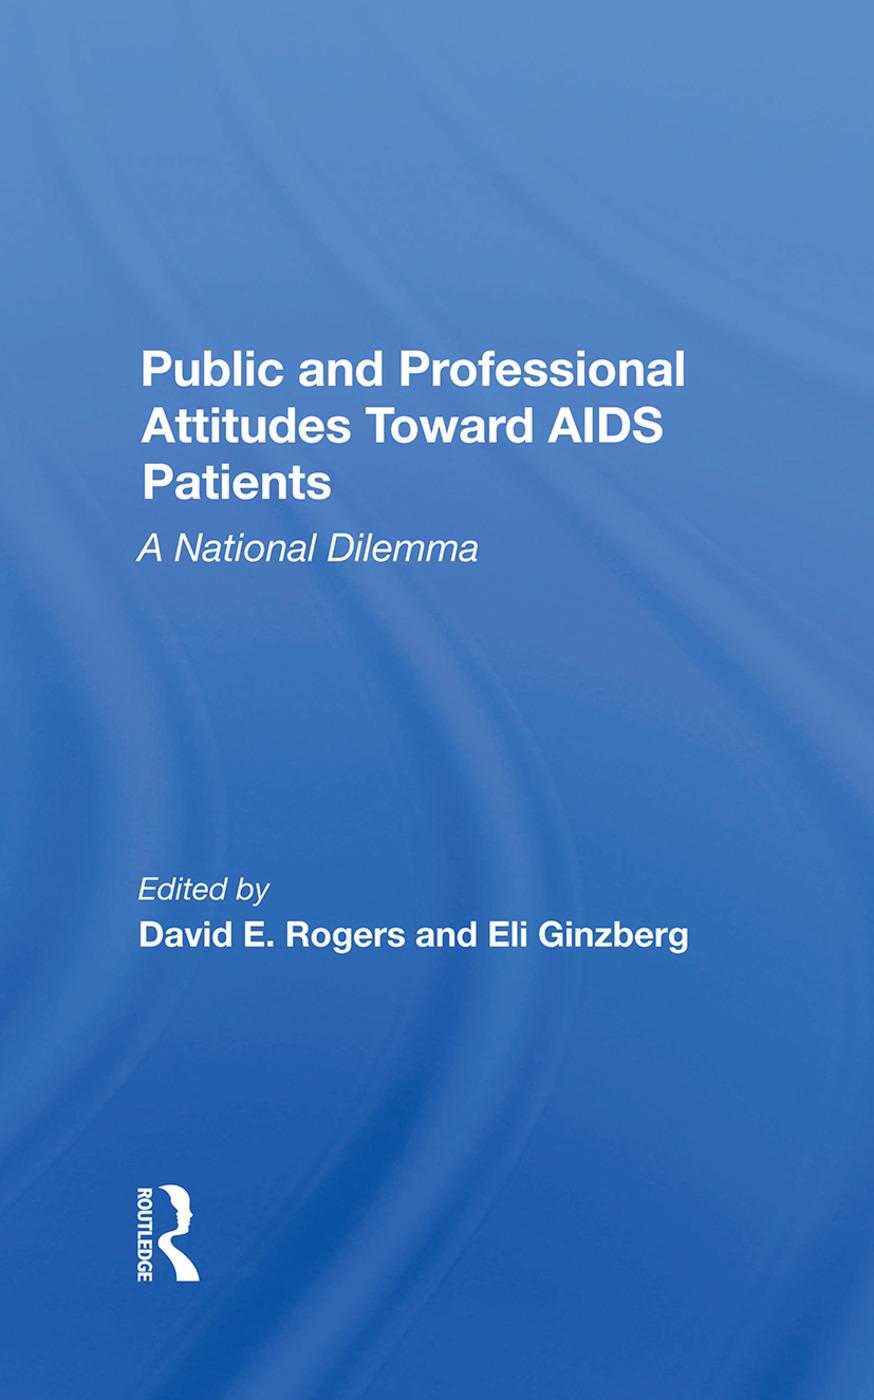 Public and Professional Attitudes Toward AIDS Patients